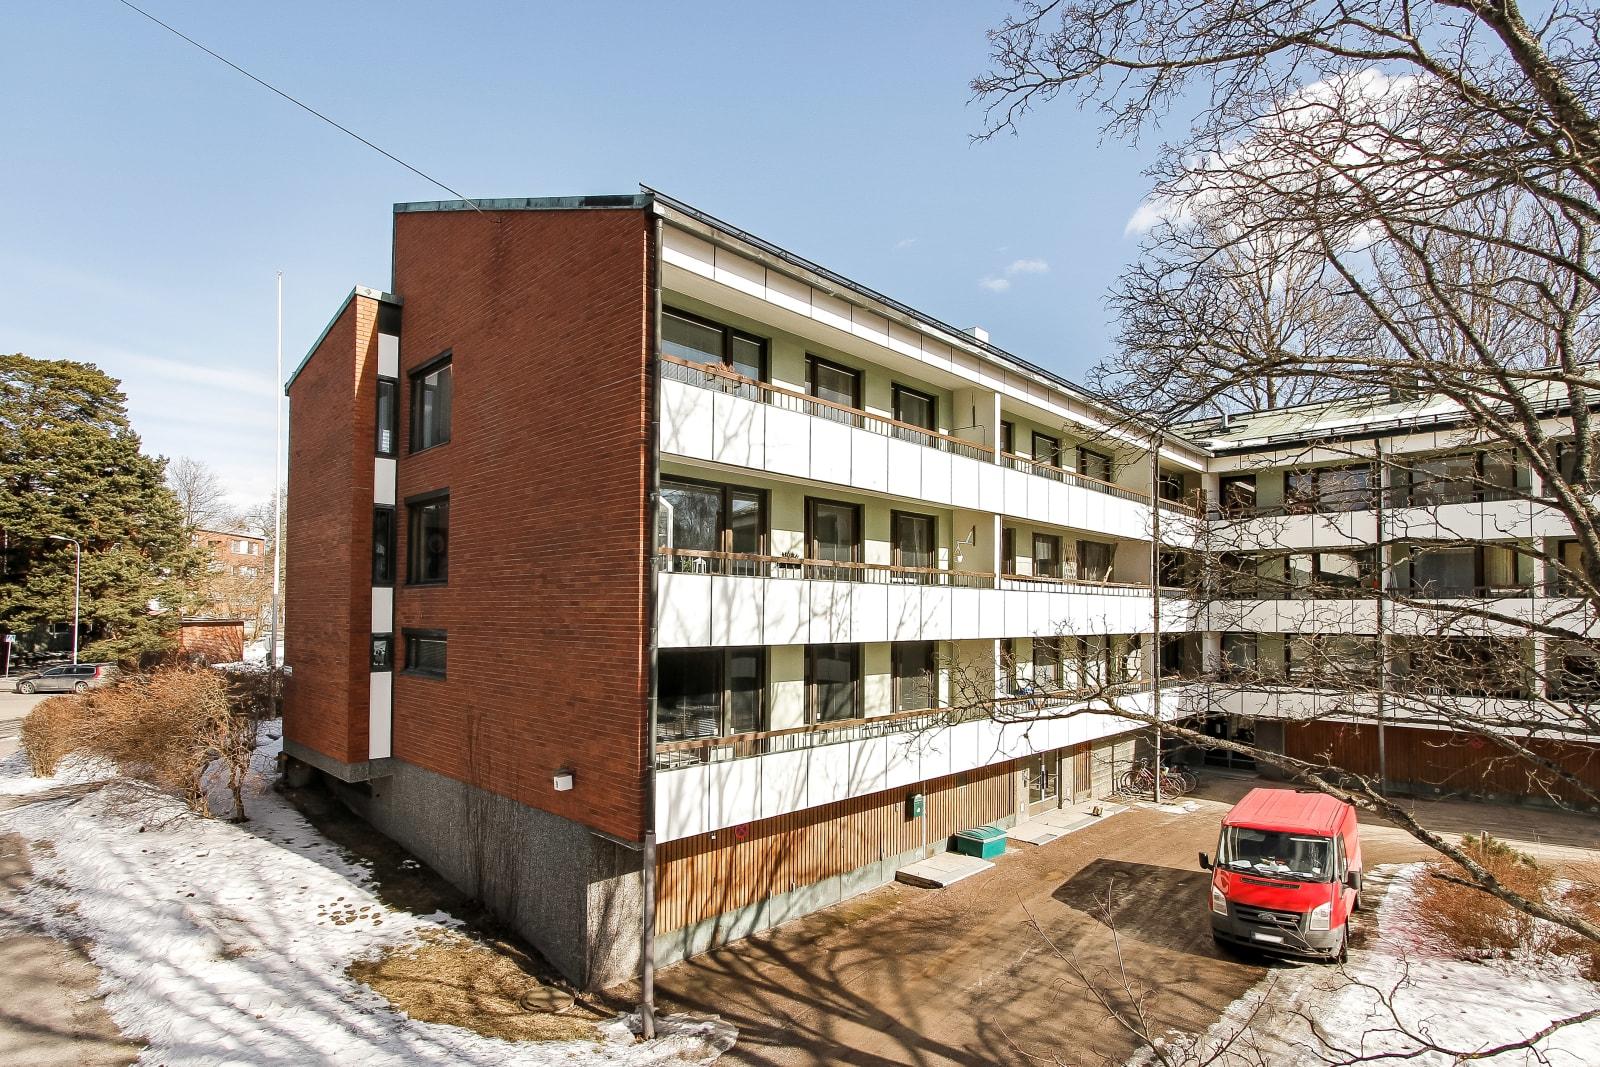 Helsinki, Etelä-Haaga, Vanha viertotie 18